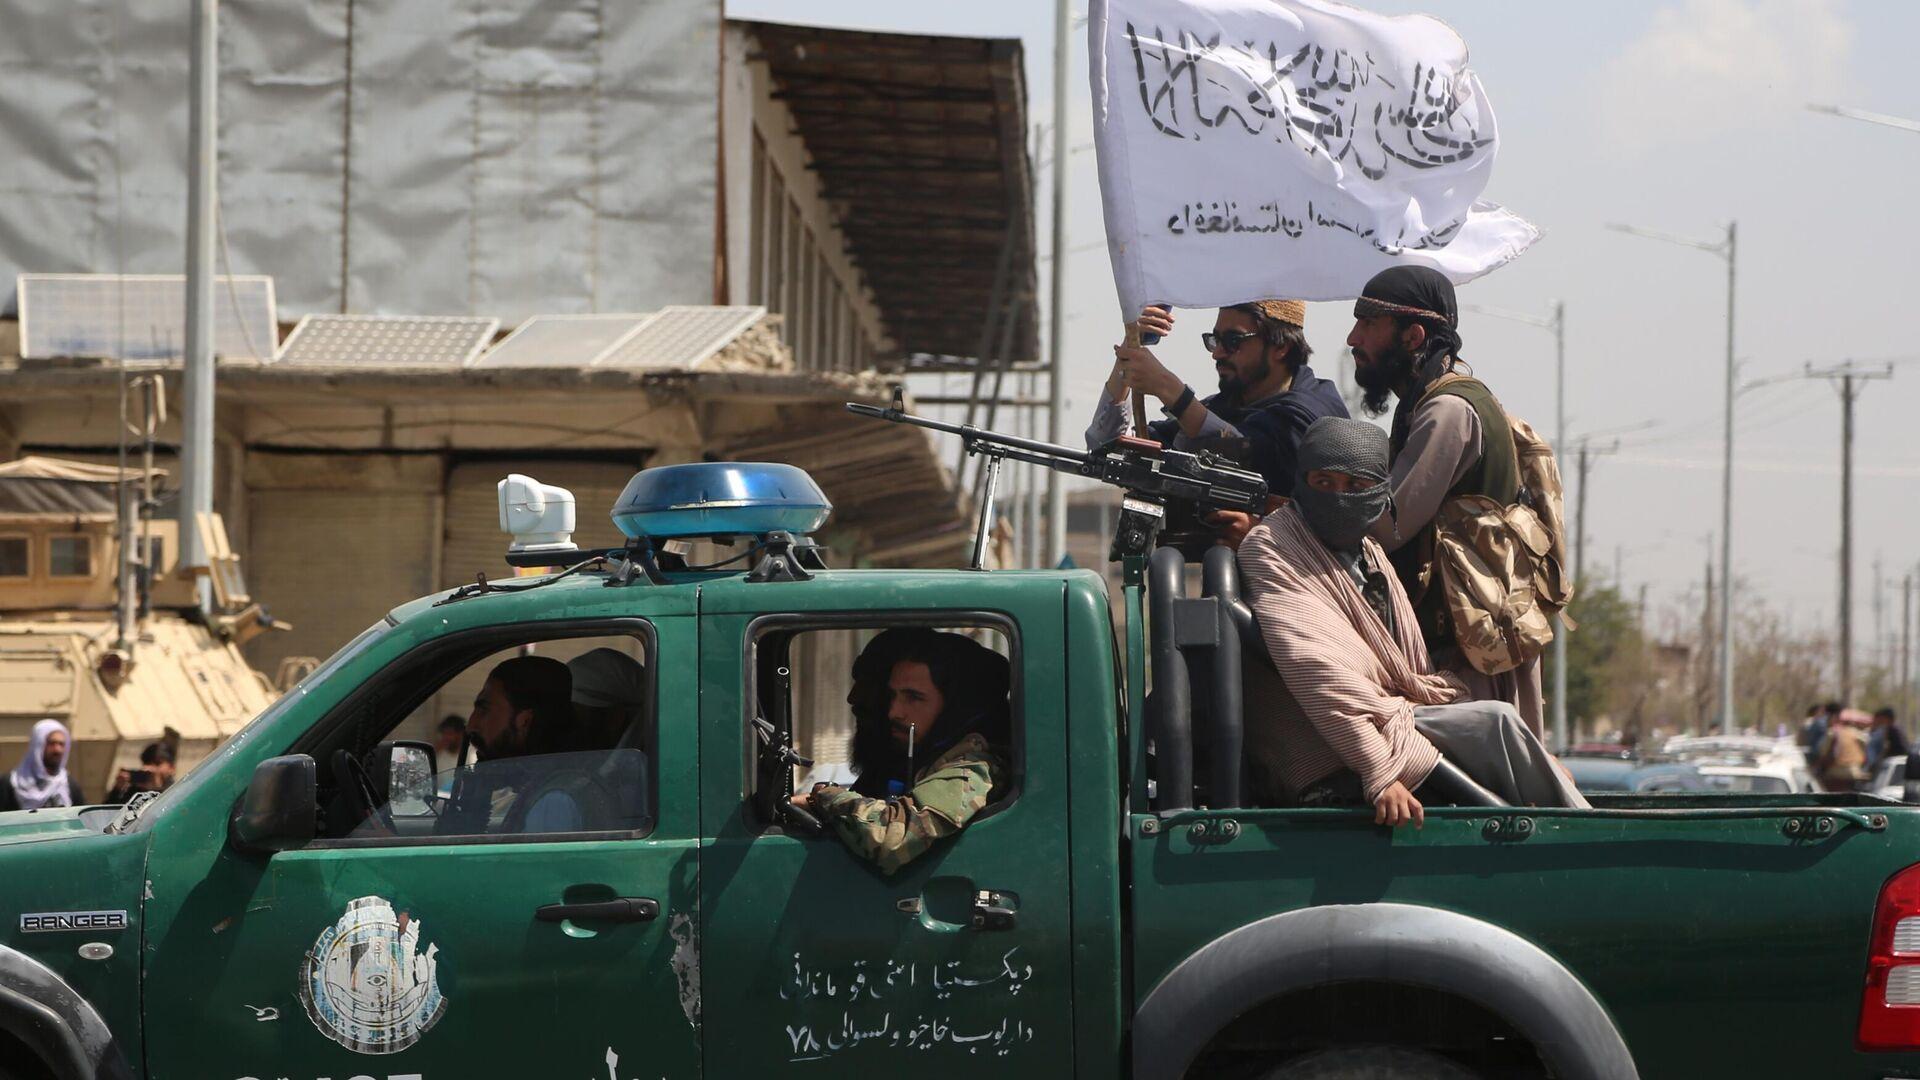 Afghanistan, Talebani a bordo di un veicolo della polizia - Sputnik Italia, 1920, 05.09.2021